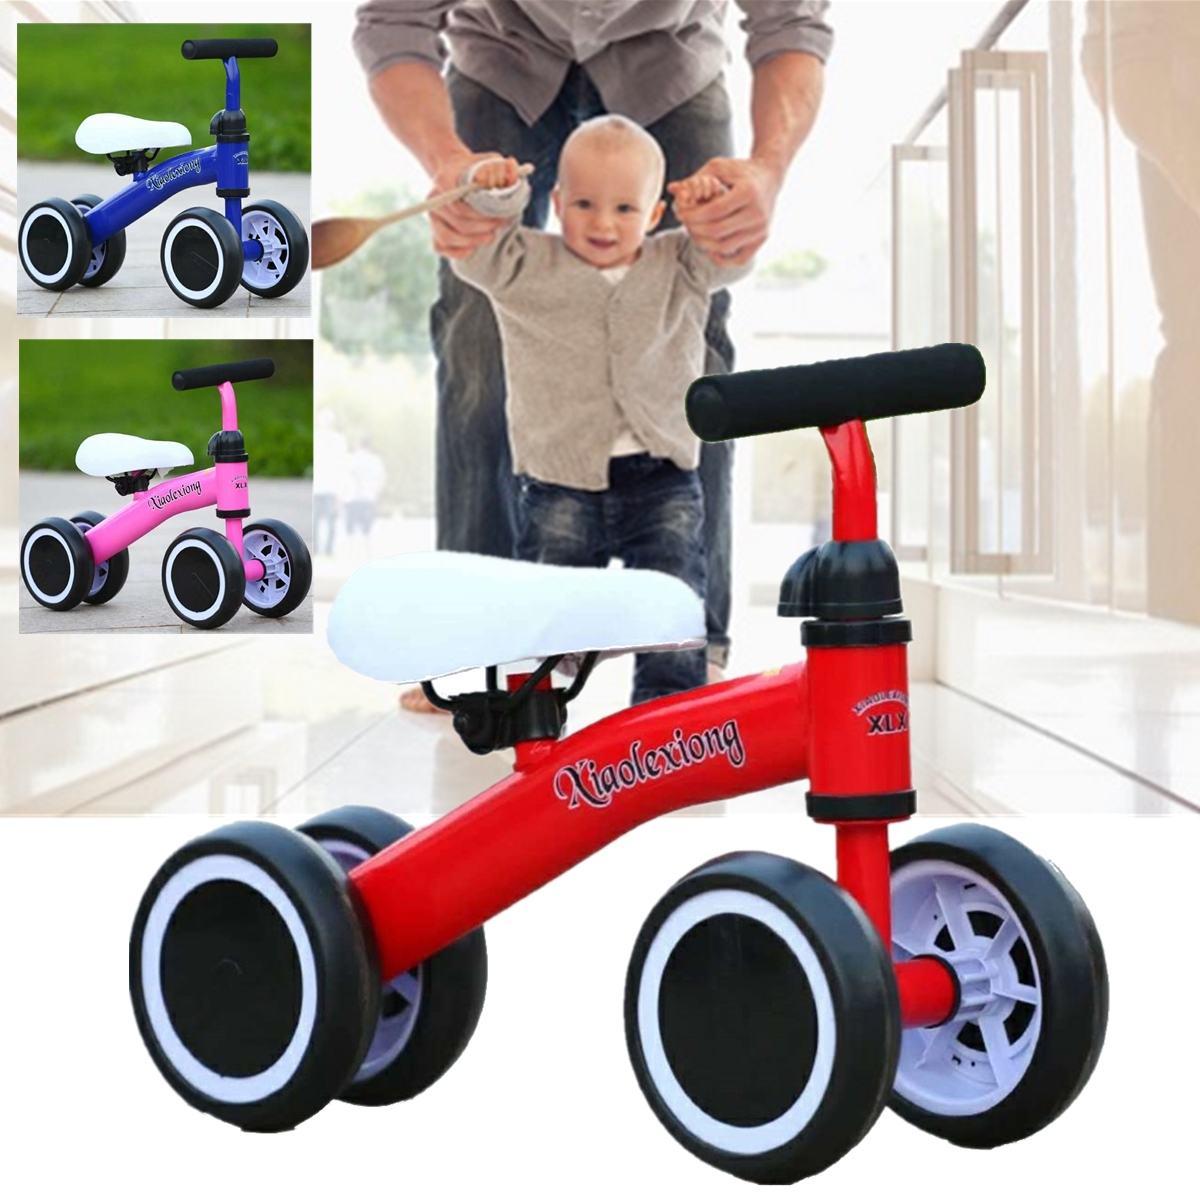 Enfants 3 roues Balance vélo enfants Scooter bébé marcheur Tricycle vélo tour sur jouets cadeau pour bébé jouets Balance vélos Scooter